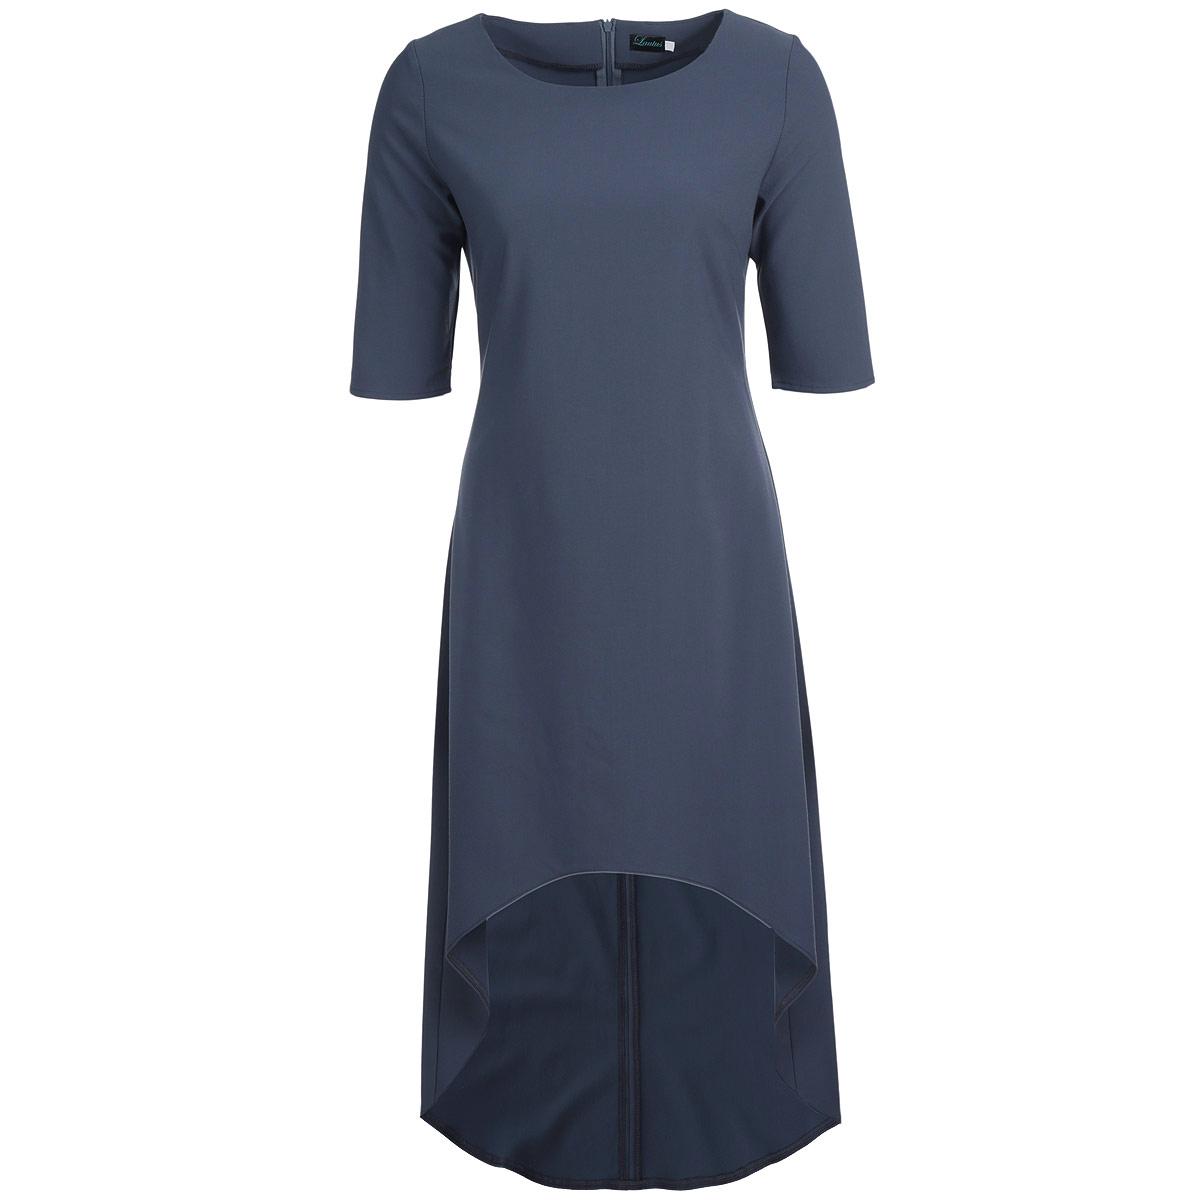 Платье Lautus, цвет: темно-серый. 640. Размер 50640Элегантное платье Lautus изготовлено из плотного материала лаконичного цвета. Платье макси длины с круглым вырезом горловины и рукавами до локтя имеет асимметричную линию подола. На спинке изделие застегивается на потайную молнию. Необычный дизайн модели позволит вам выглядеть стильно и неординарно. Платье лаконичного цвета позволяет дополнять образ всевозможными аксессуарами - шейными платками или яркой бижутерией. Идеальный вариант для создания эффектного образа.